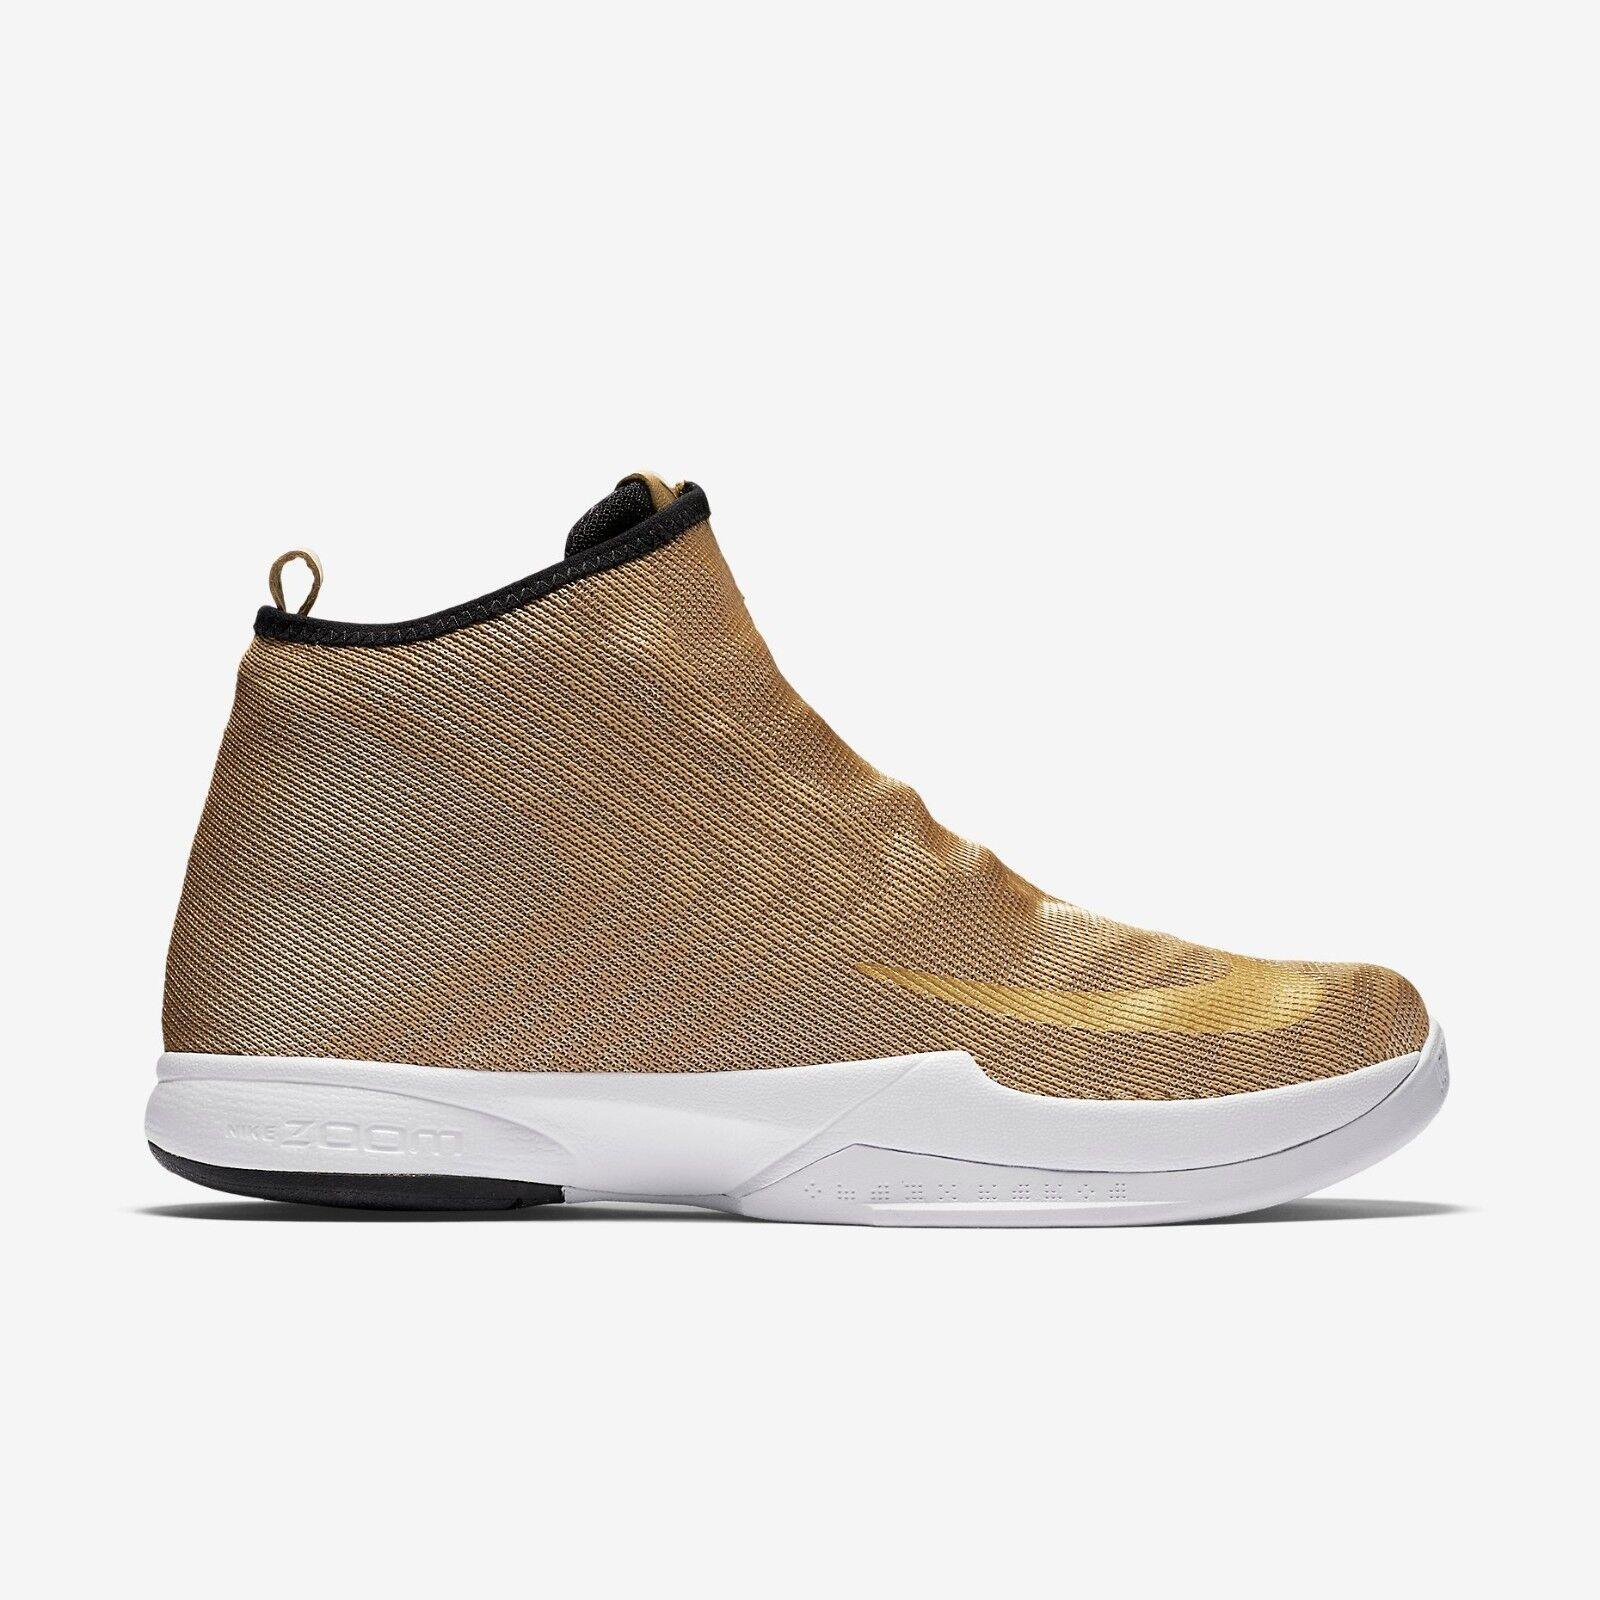 Niko Men's ZOOM KOBE ICON JACQUARD  Basketball Scarpe, 89858 700 Dimensioni 11 oro  confortevole